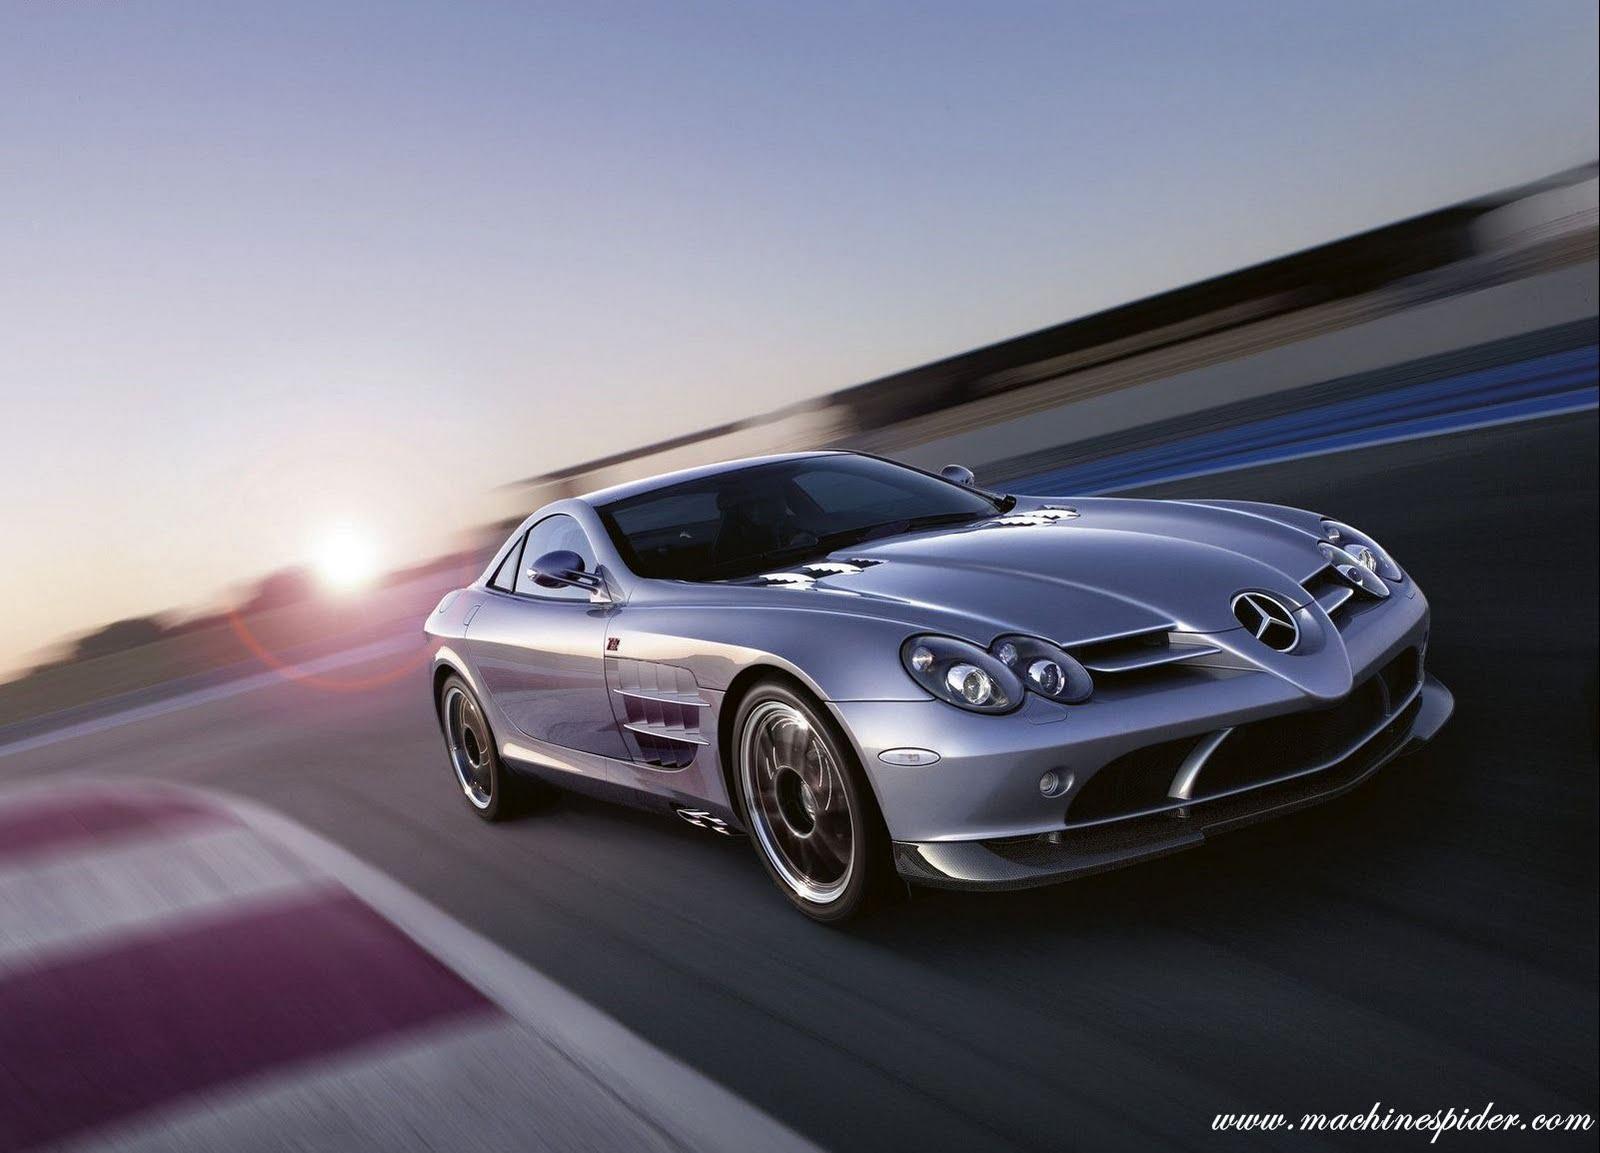 http://1.bp.blogspot.com/_HtriIY5et8U/TDGXnnvT32I/AAAAAAAABXc/htAO5NhzQQA/s1600/Mercedes-Benz-SLR_722_Edition_2007_1600x1200_wallpaper_01.jpg